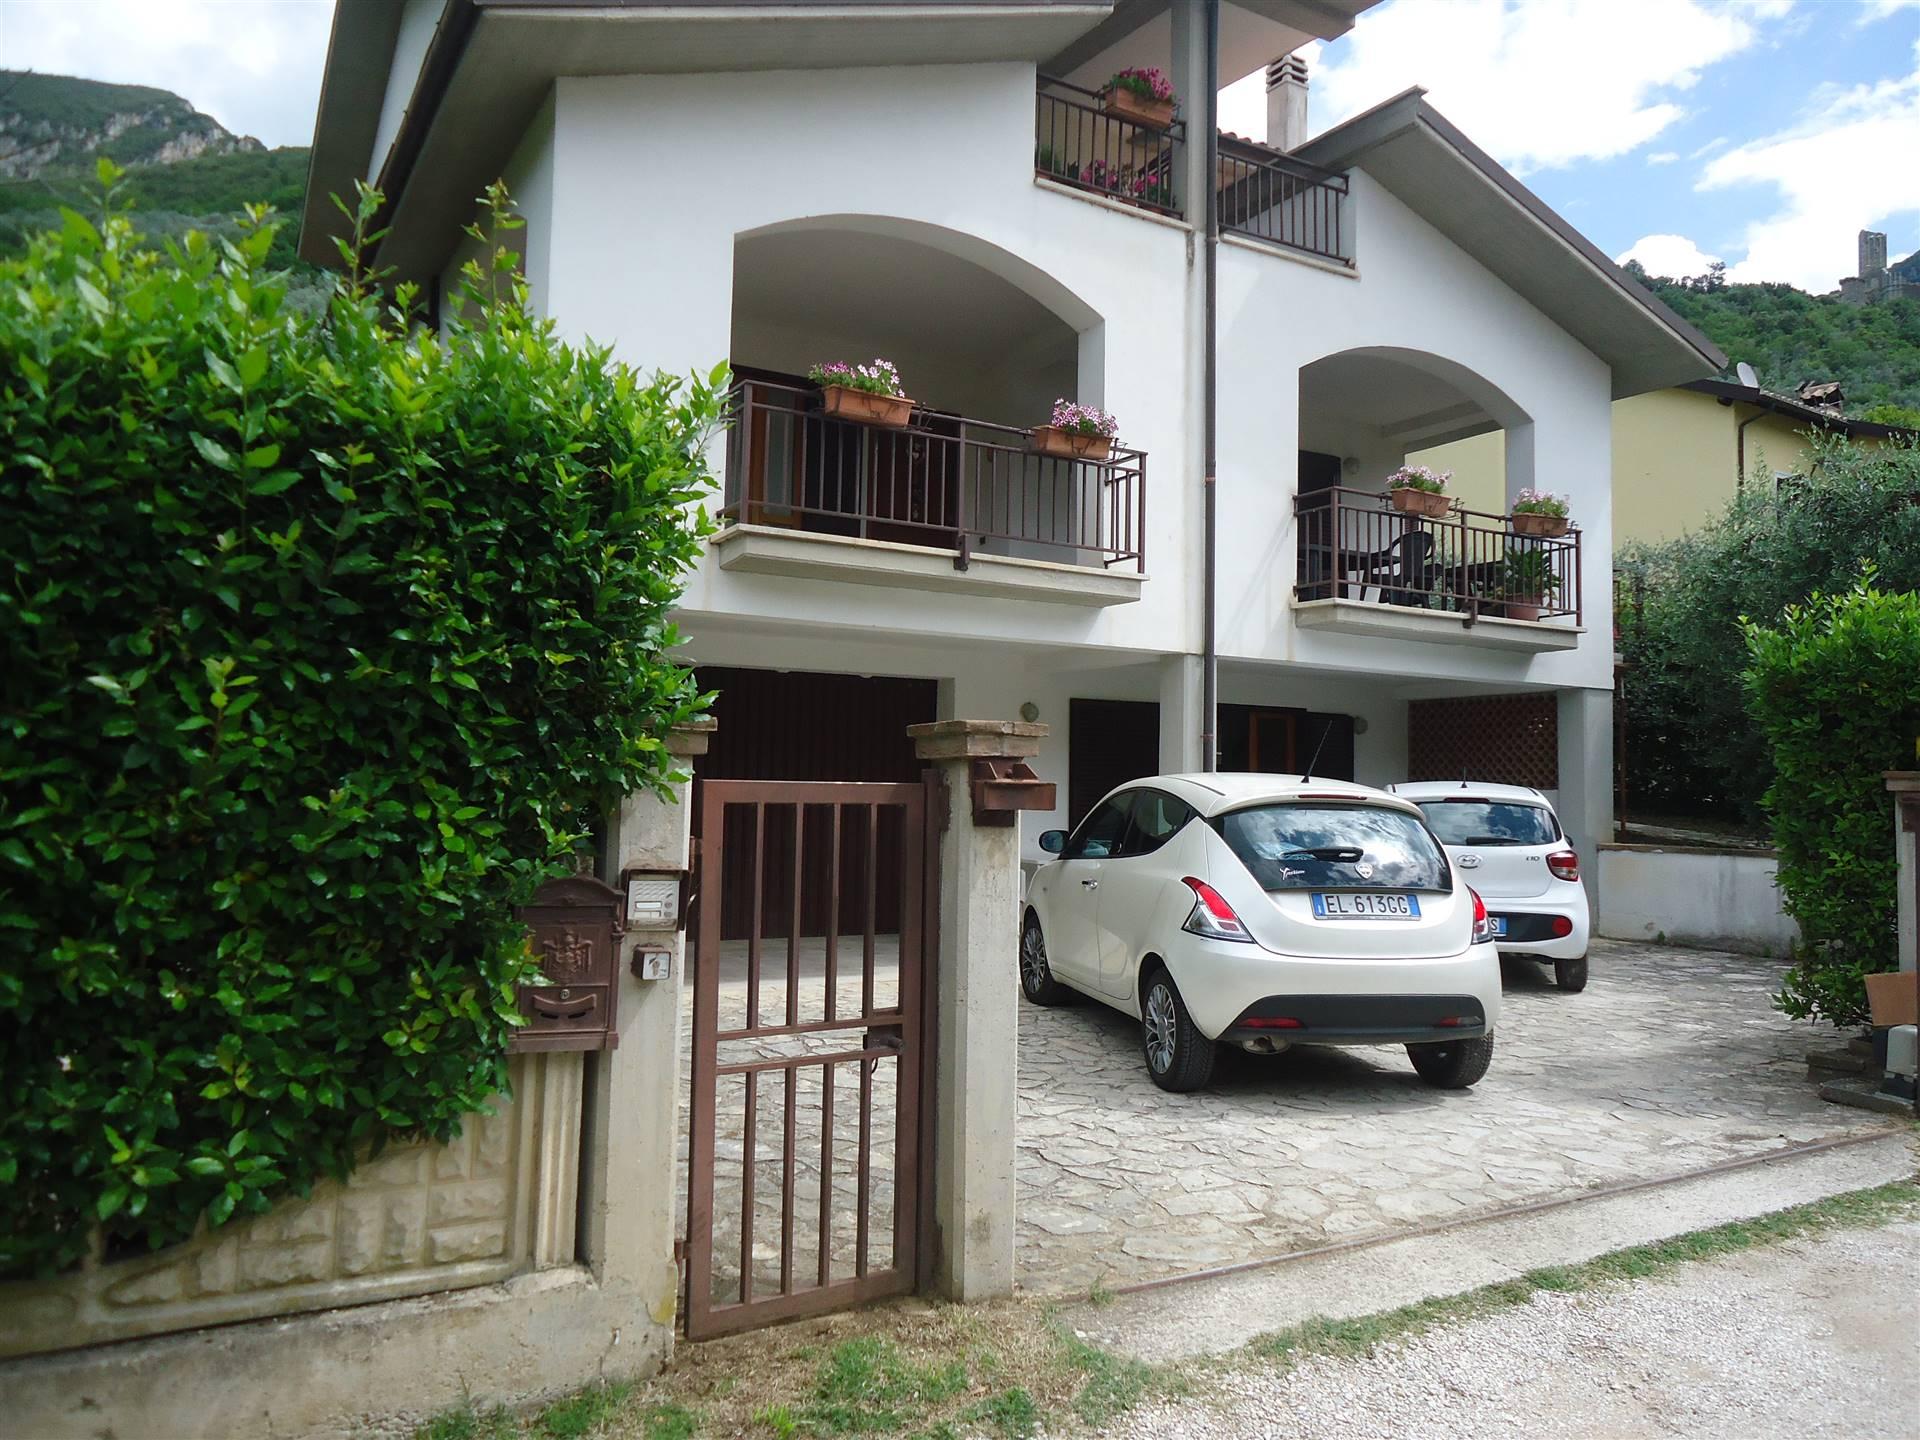 Villa Bifamiliare in vendita a Ferentillo, 5 locali, zona Località: CENTRO, prezzo € 180.000 | CambioCasa.it